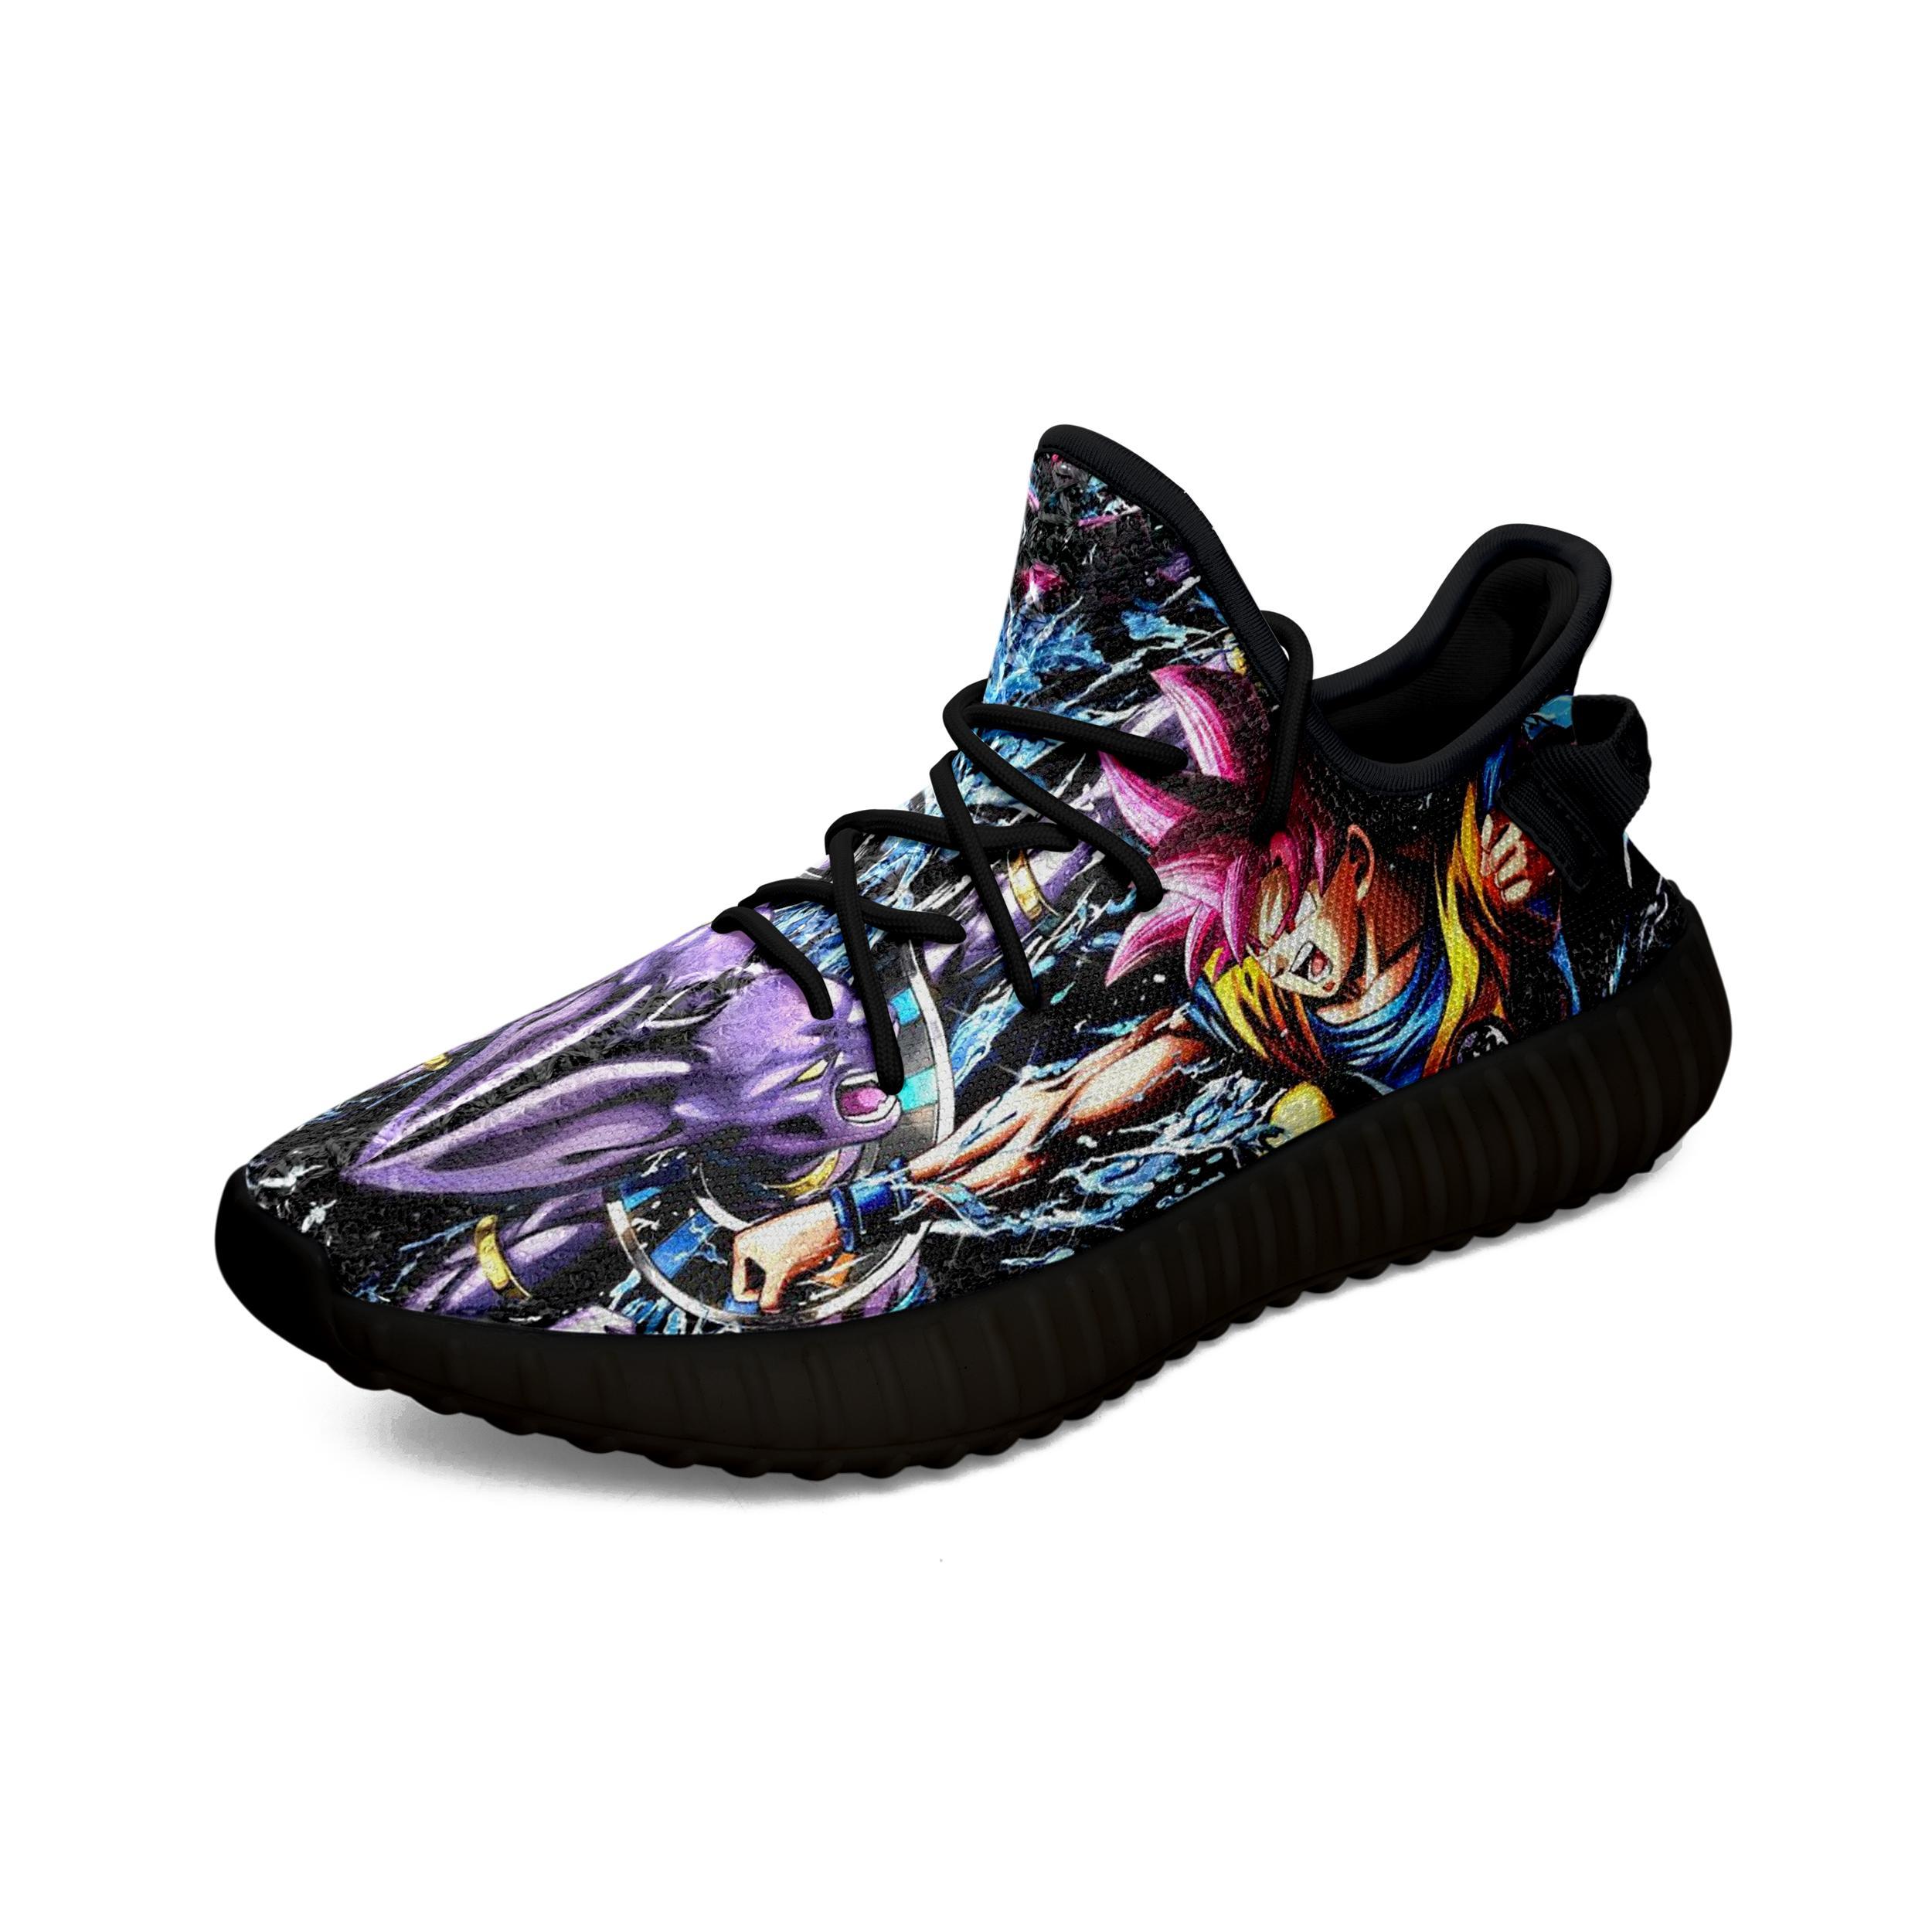 190706 ? Goku 1 Yeezy Boots